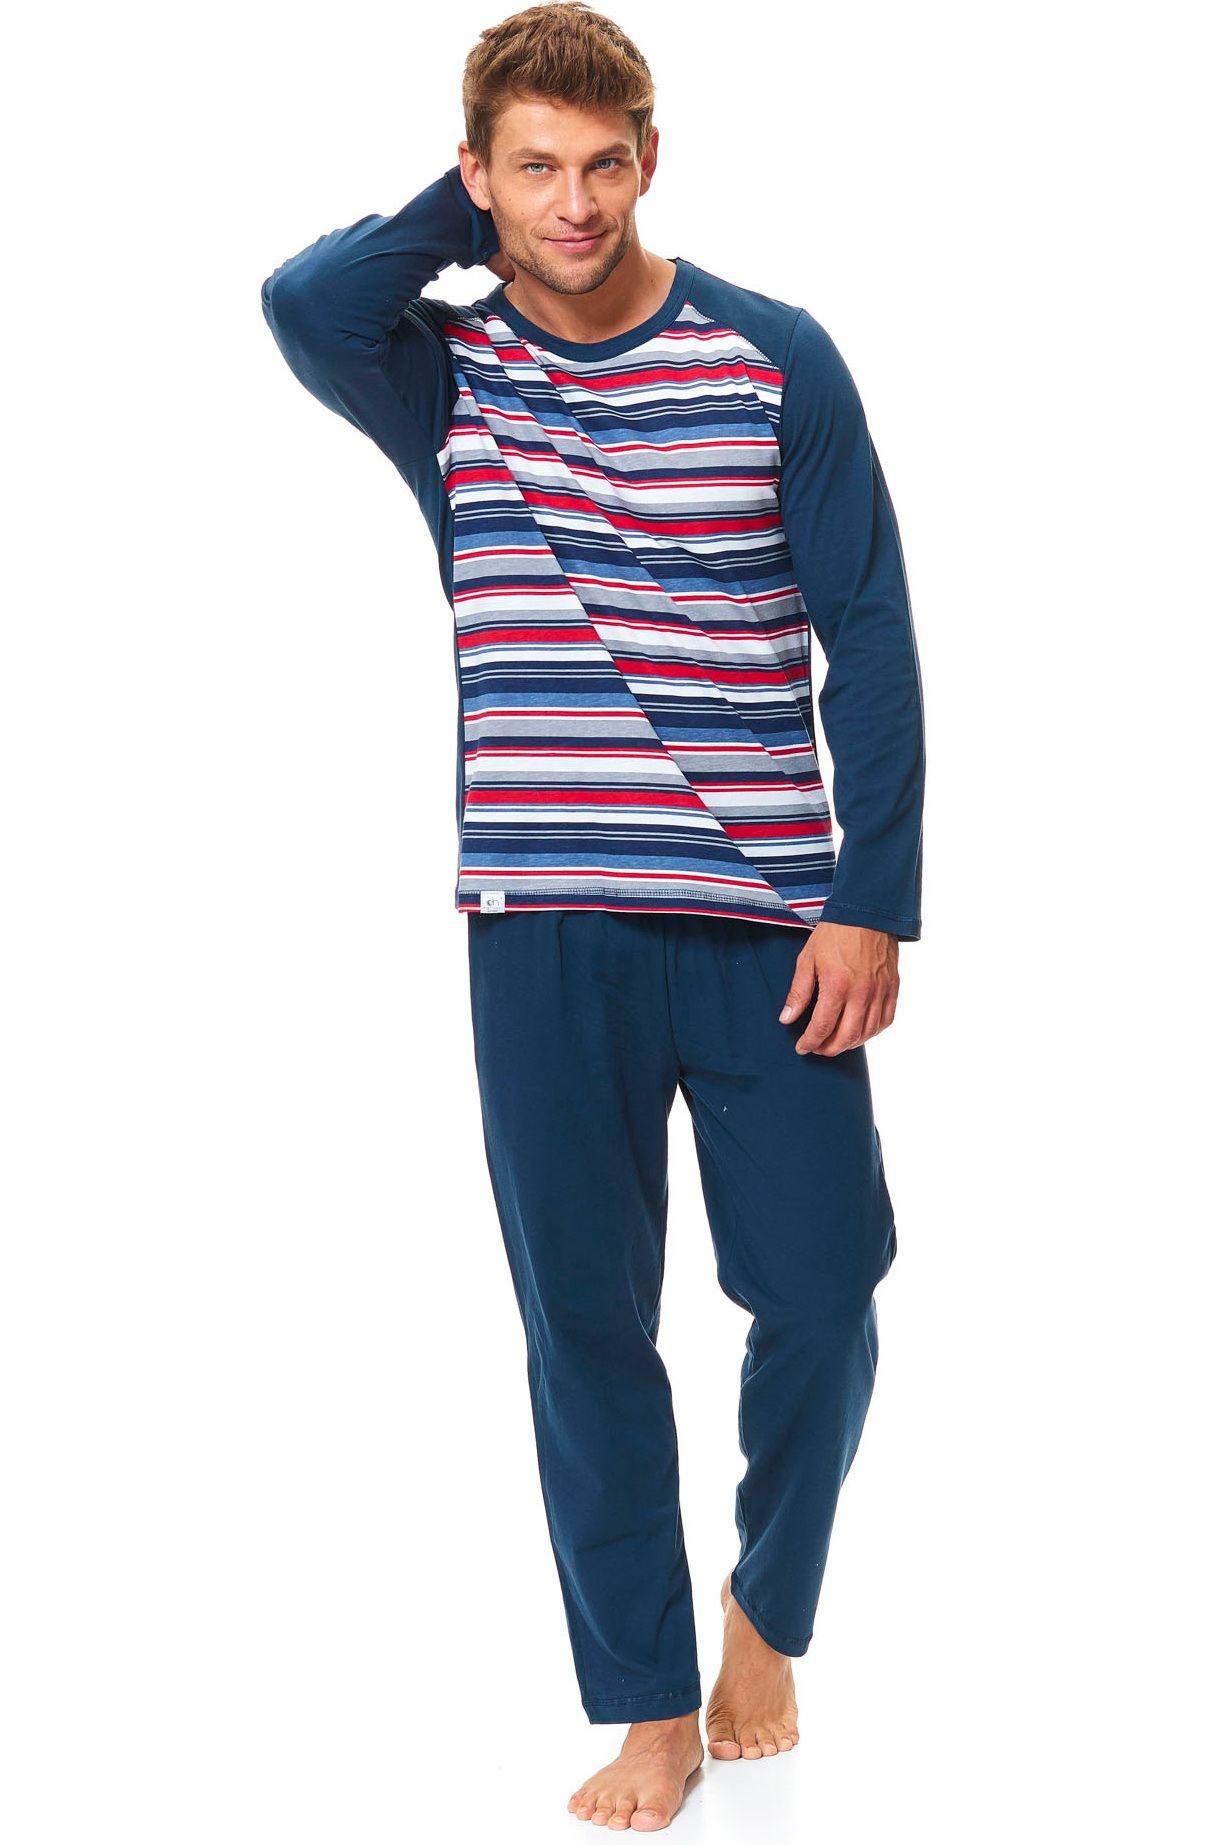 22858db43 Pánské bavlněné pyžamo Henry tmavě modré s pruhy - ELEGANT.cz